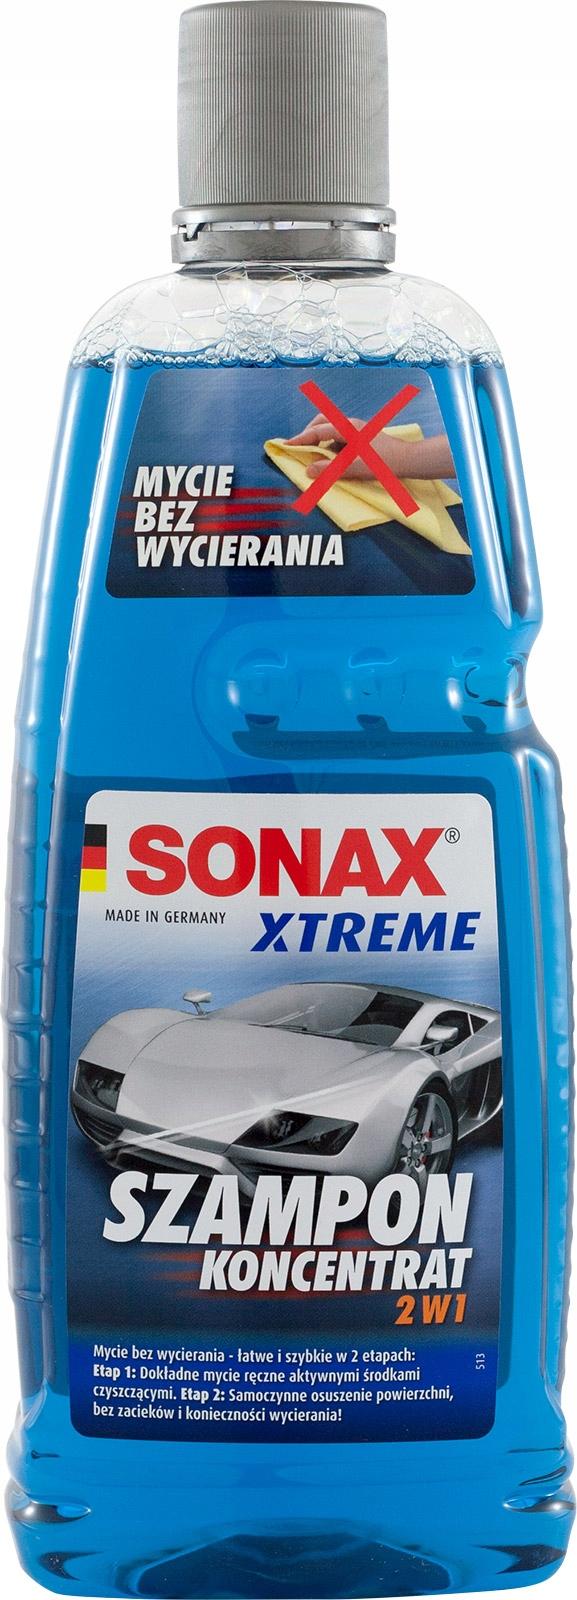 SONAX XTREME SZAMPON 2w1 KONCENTRAT - 1L